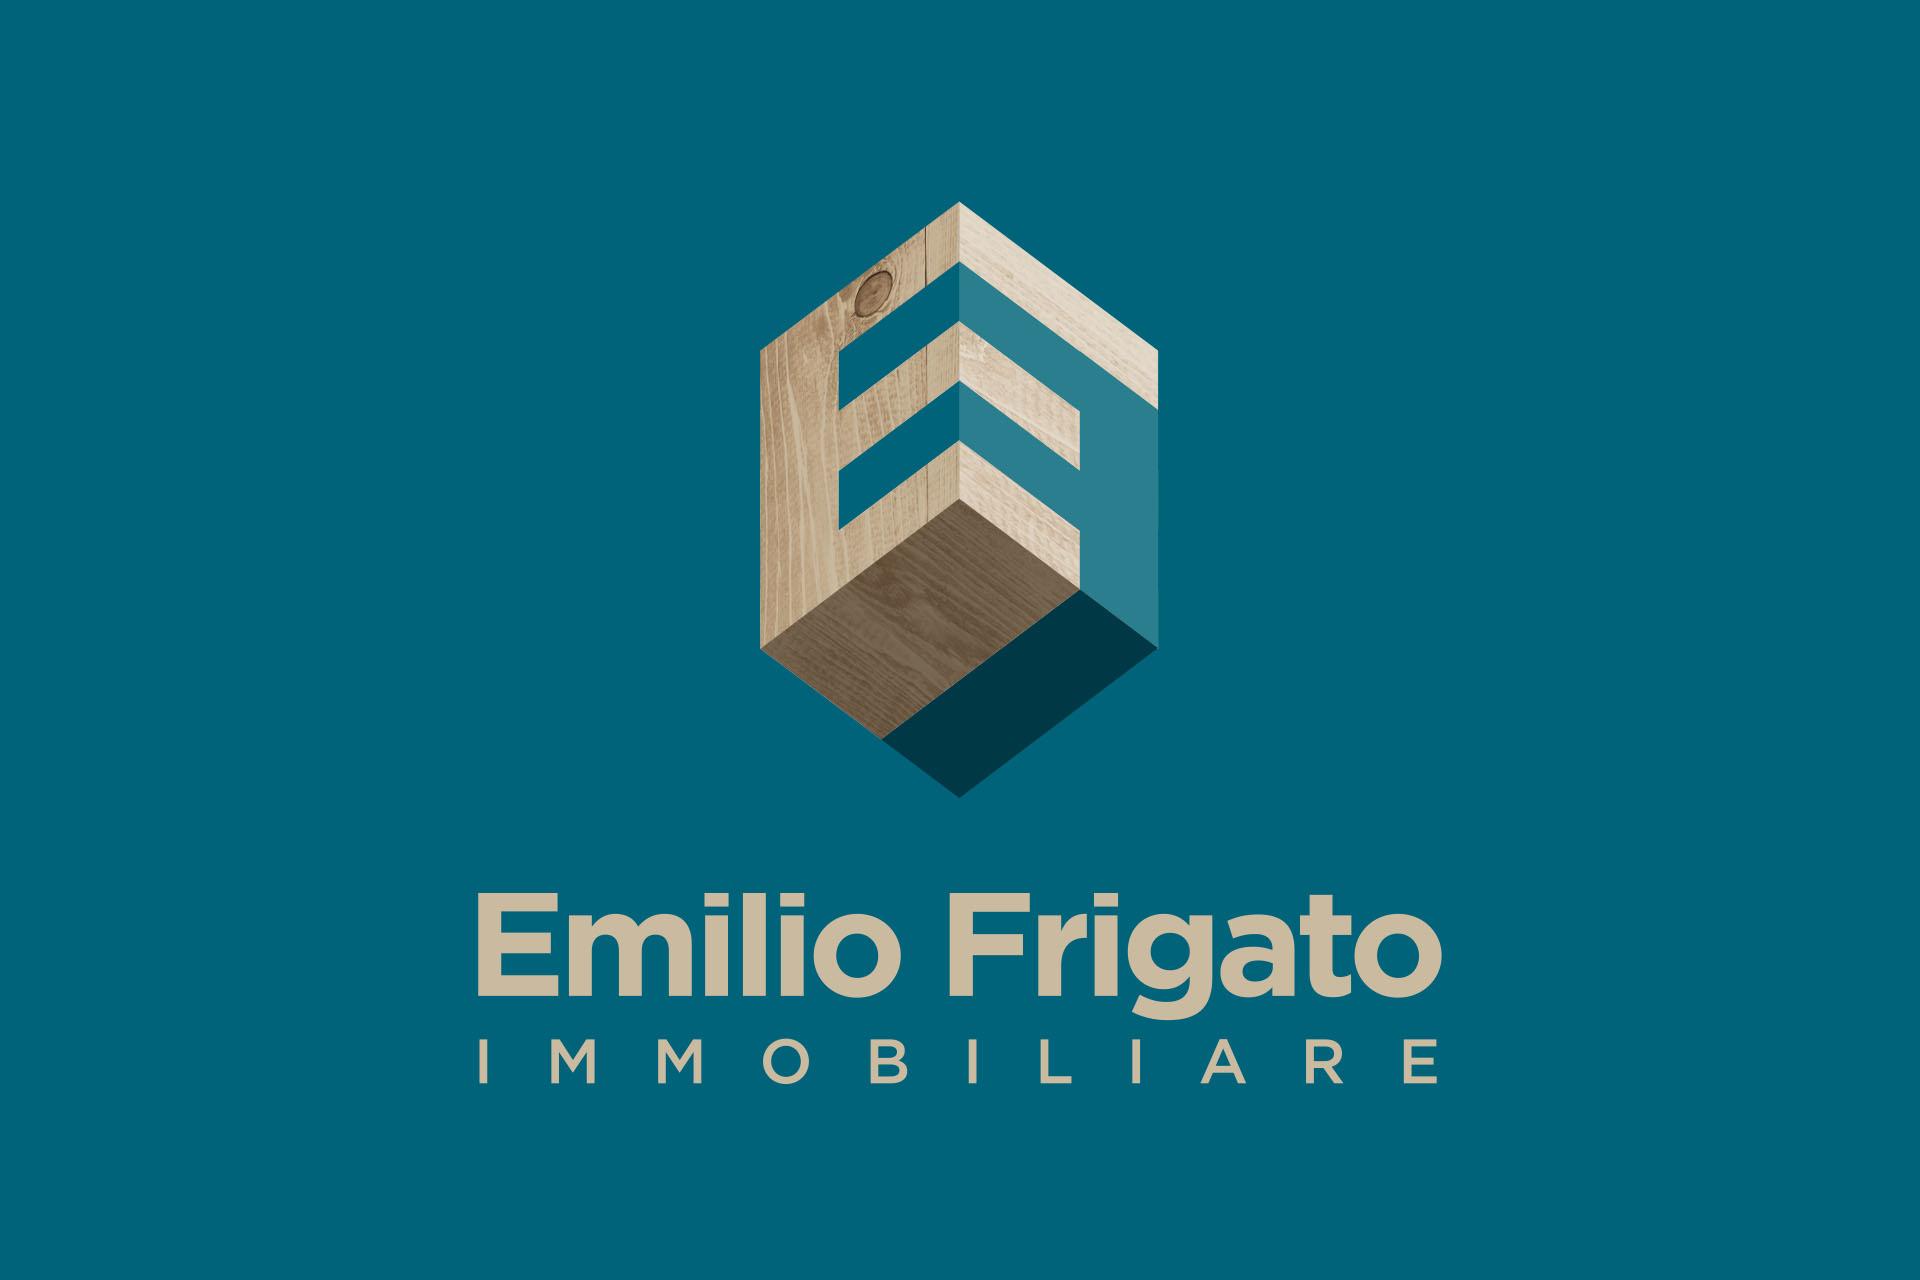 Emilio frigato immobiliare slide 2 corporate identity